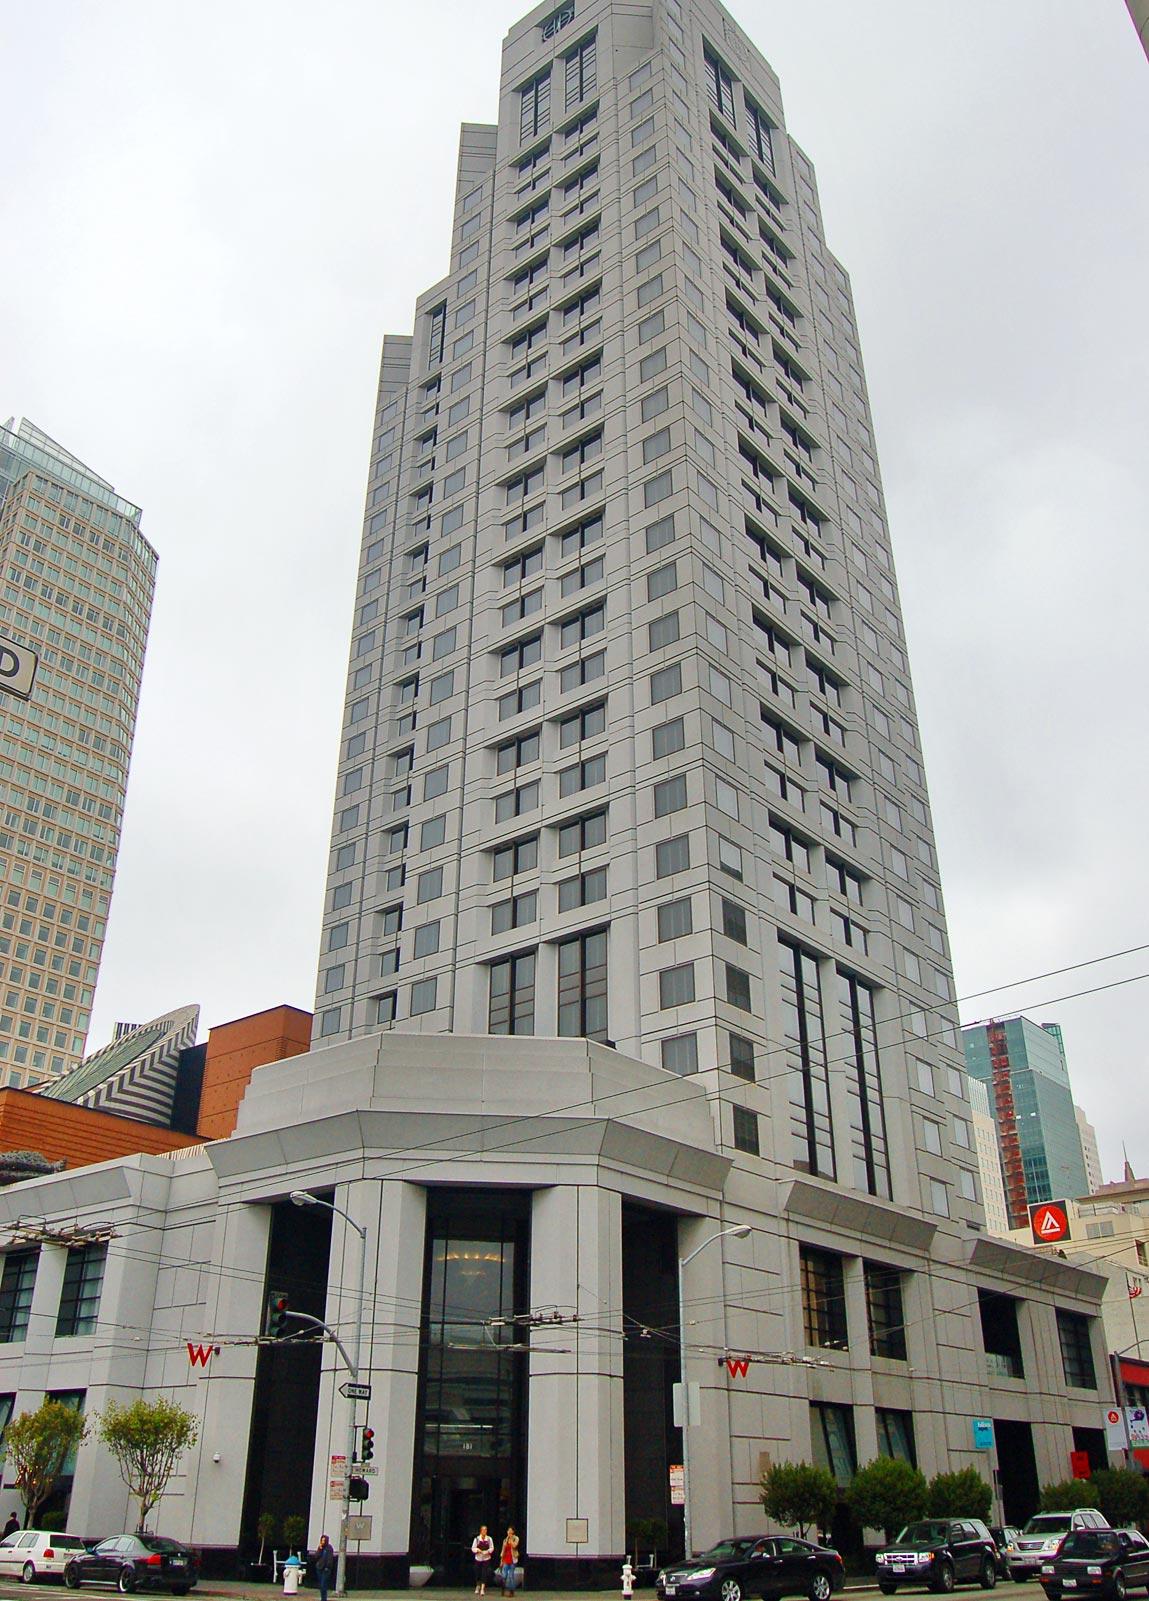 W Hotel San Francisco W San Francisco Boutique Hotel